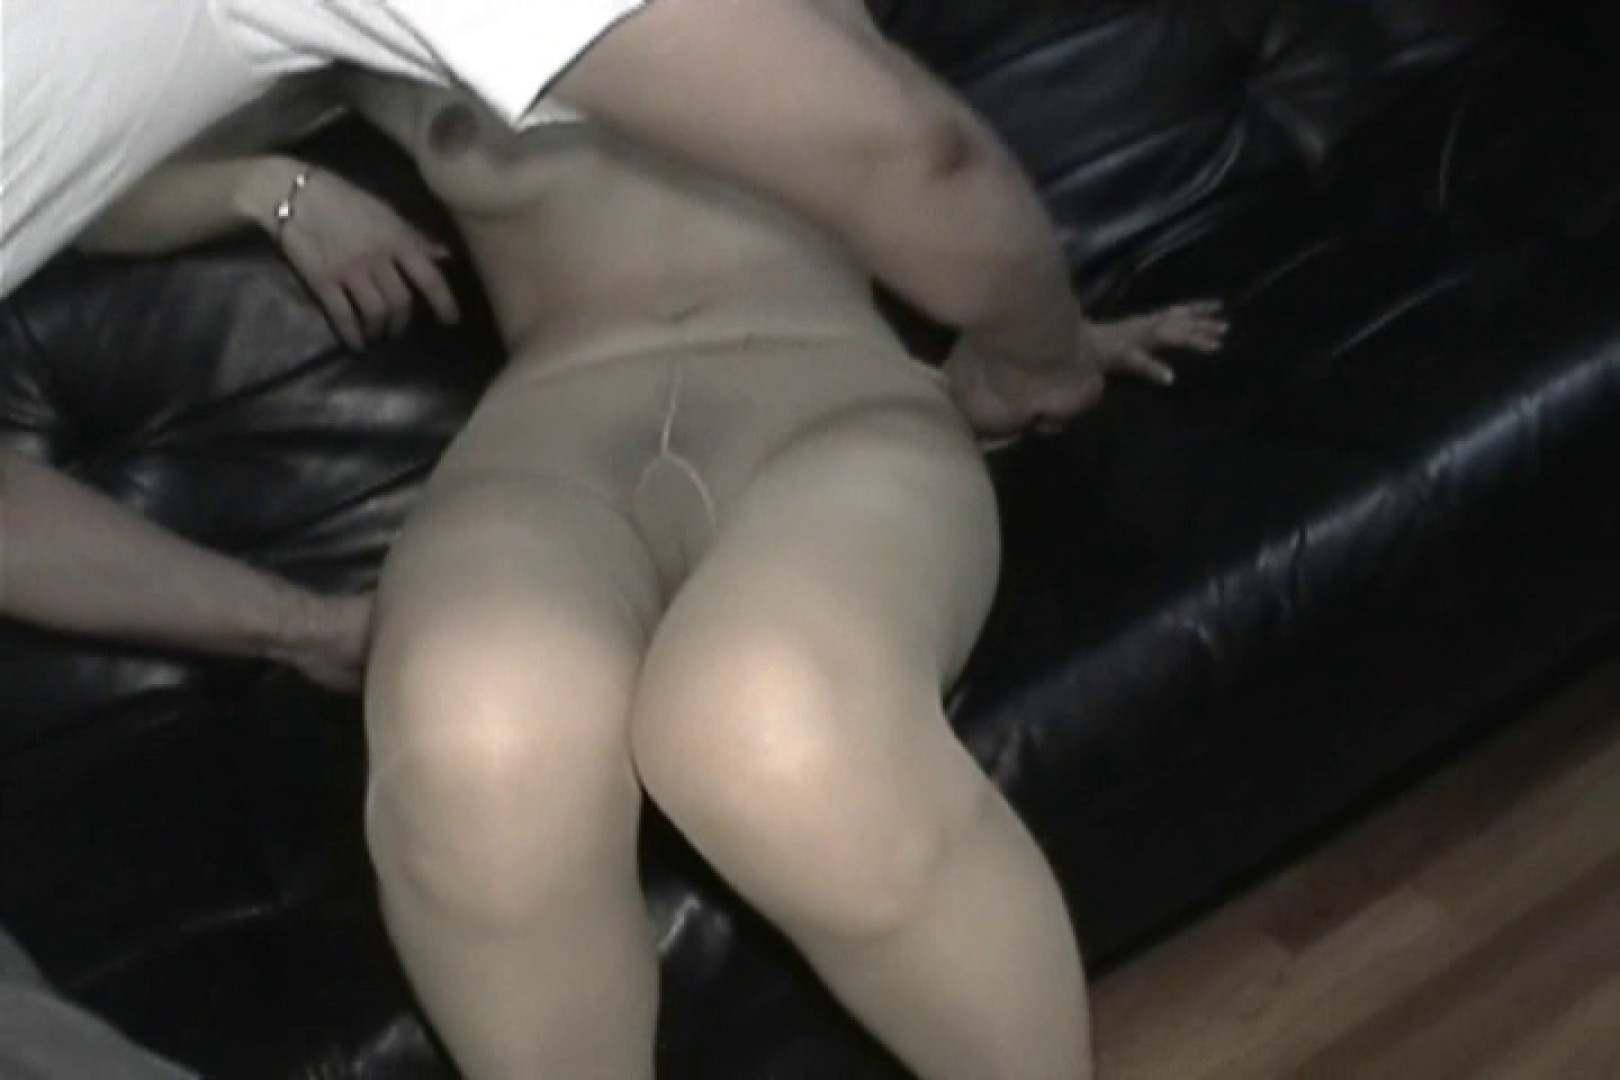 形の良いお椀型の美乳熟女とSEX~川島みさき~ エッチな熟女 | バイブで・・  99pic 61